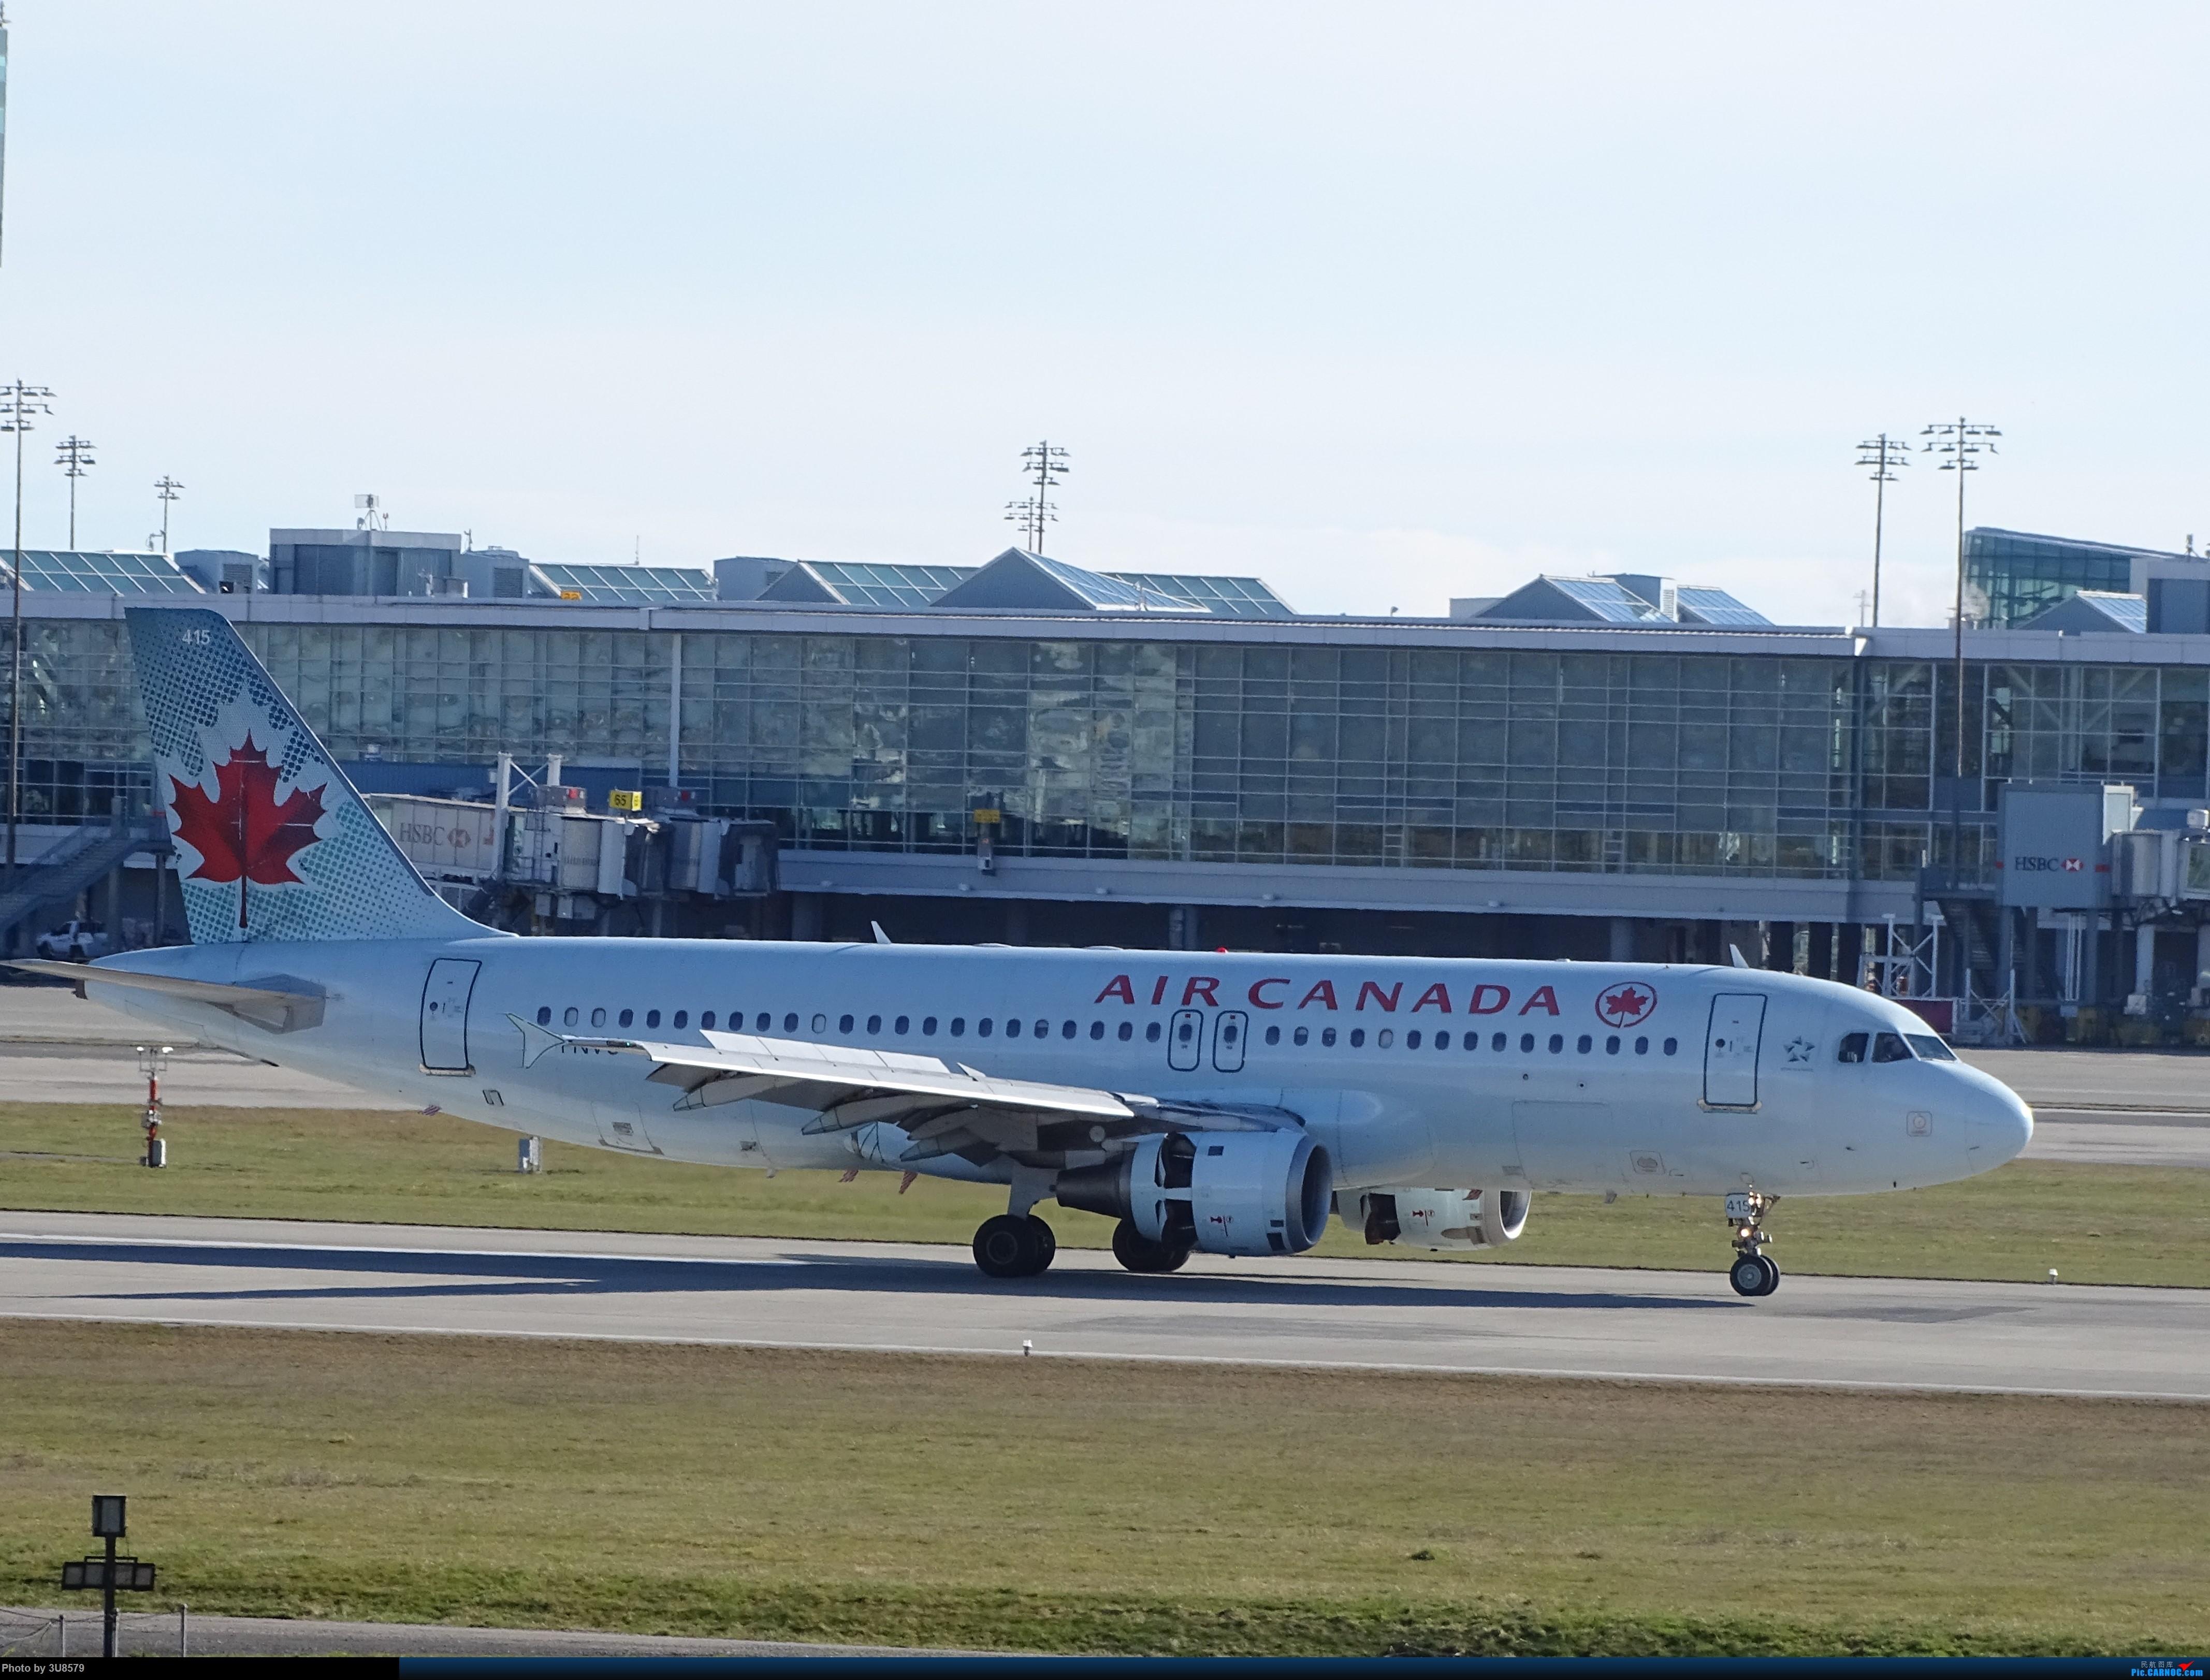 Re:[原创]回国前再发一贴,望一切安好 AIRBUS A320-200 C-FNVU YVR